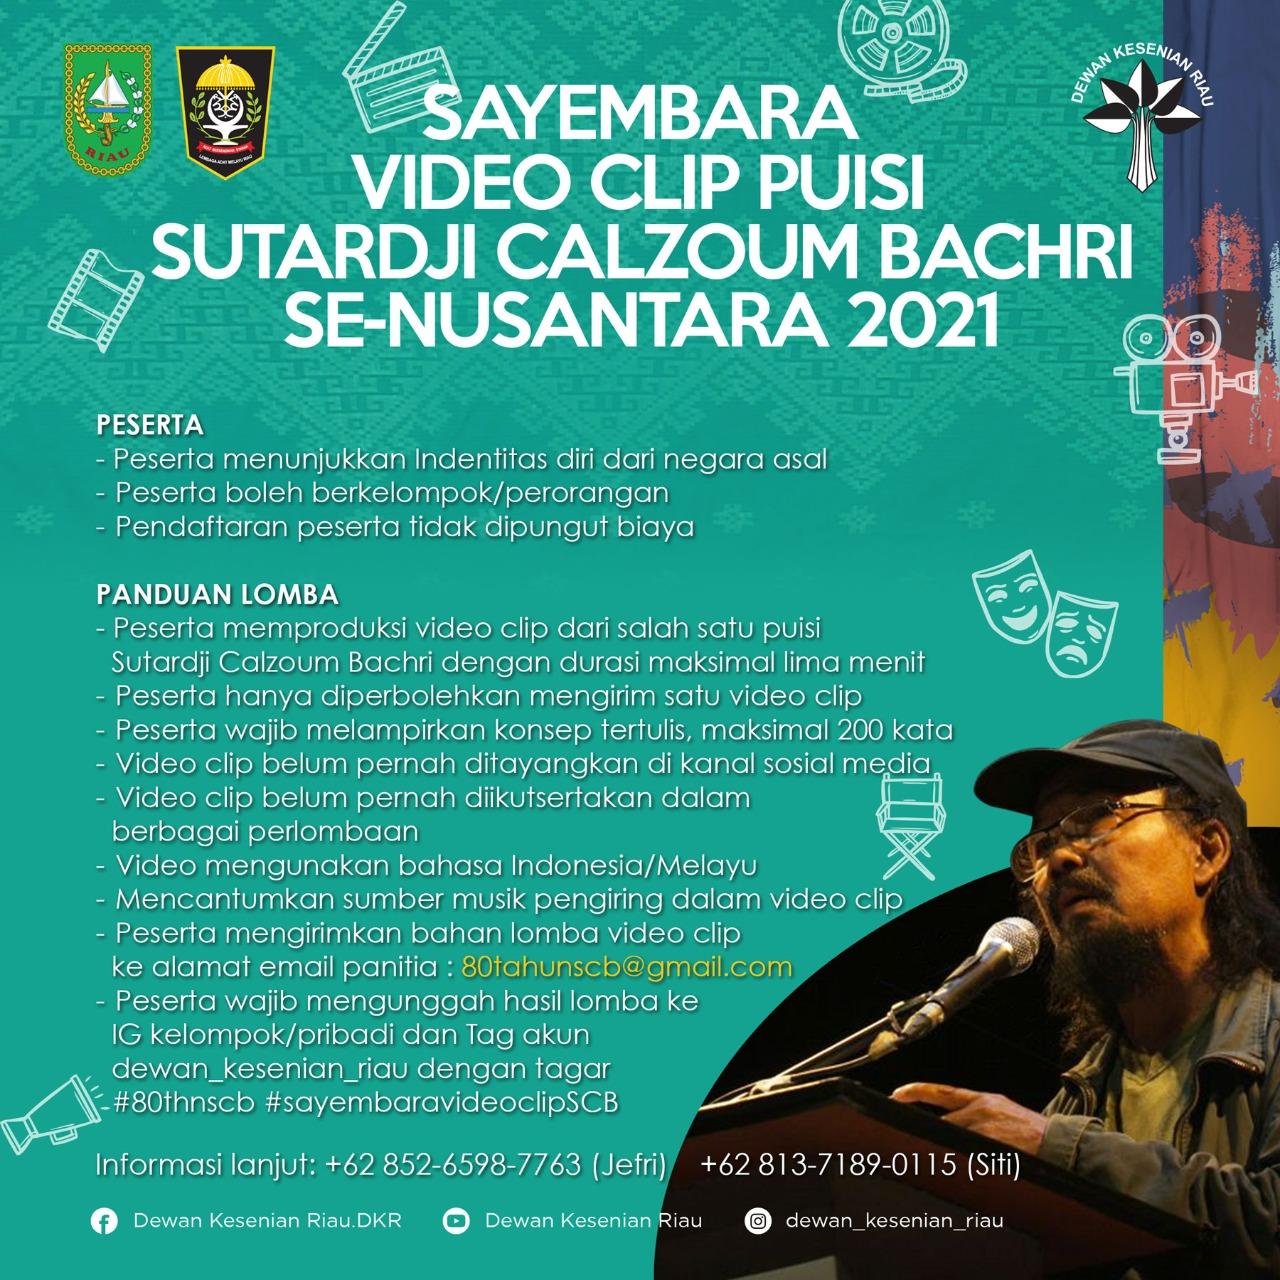 Poster Sayembara Video Clip Puisi Sutardji Calzoum Bachri